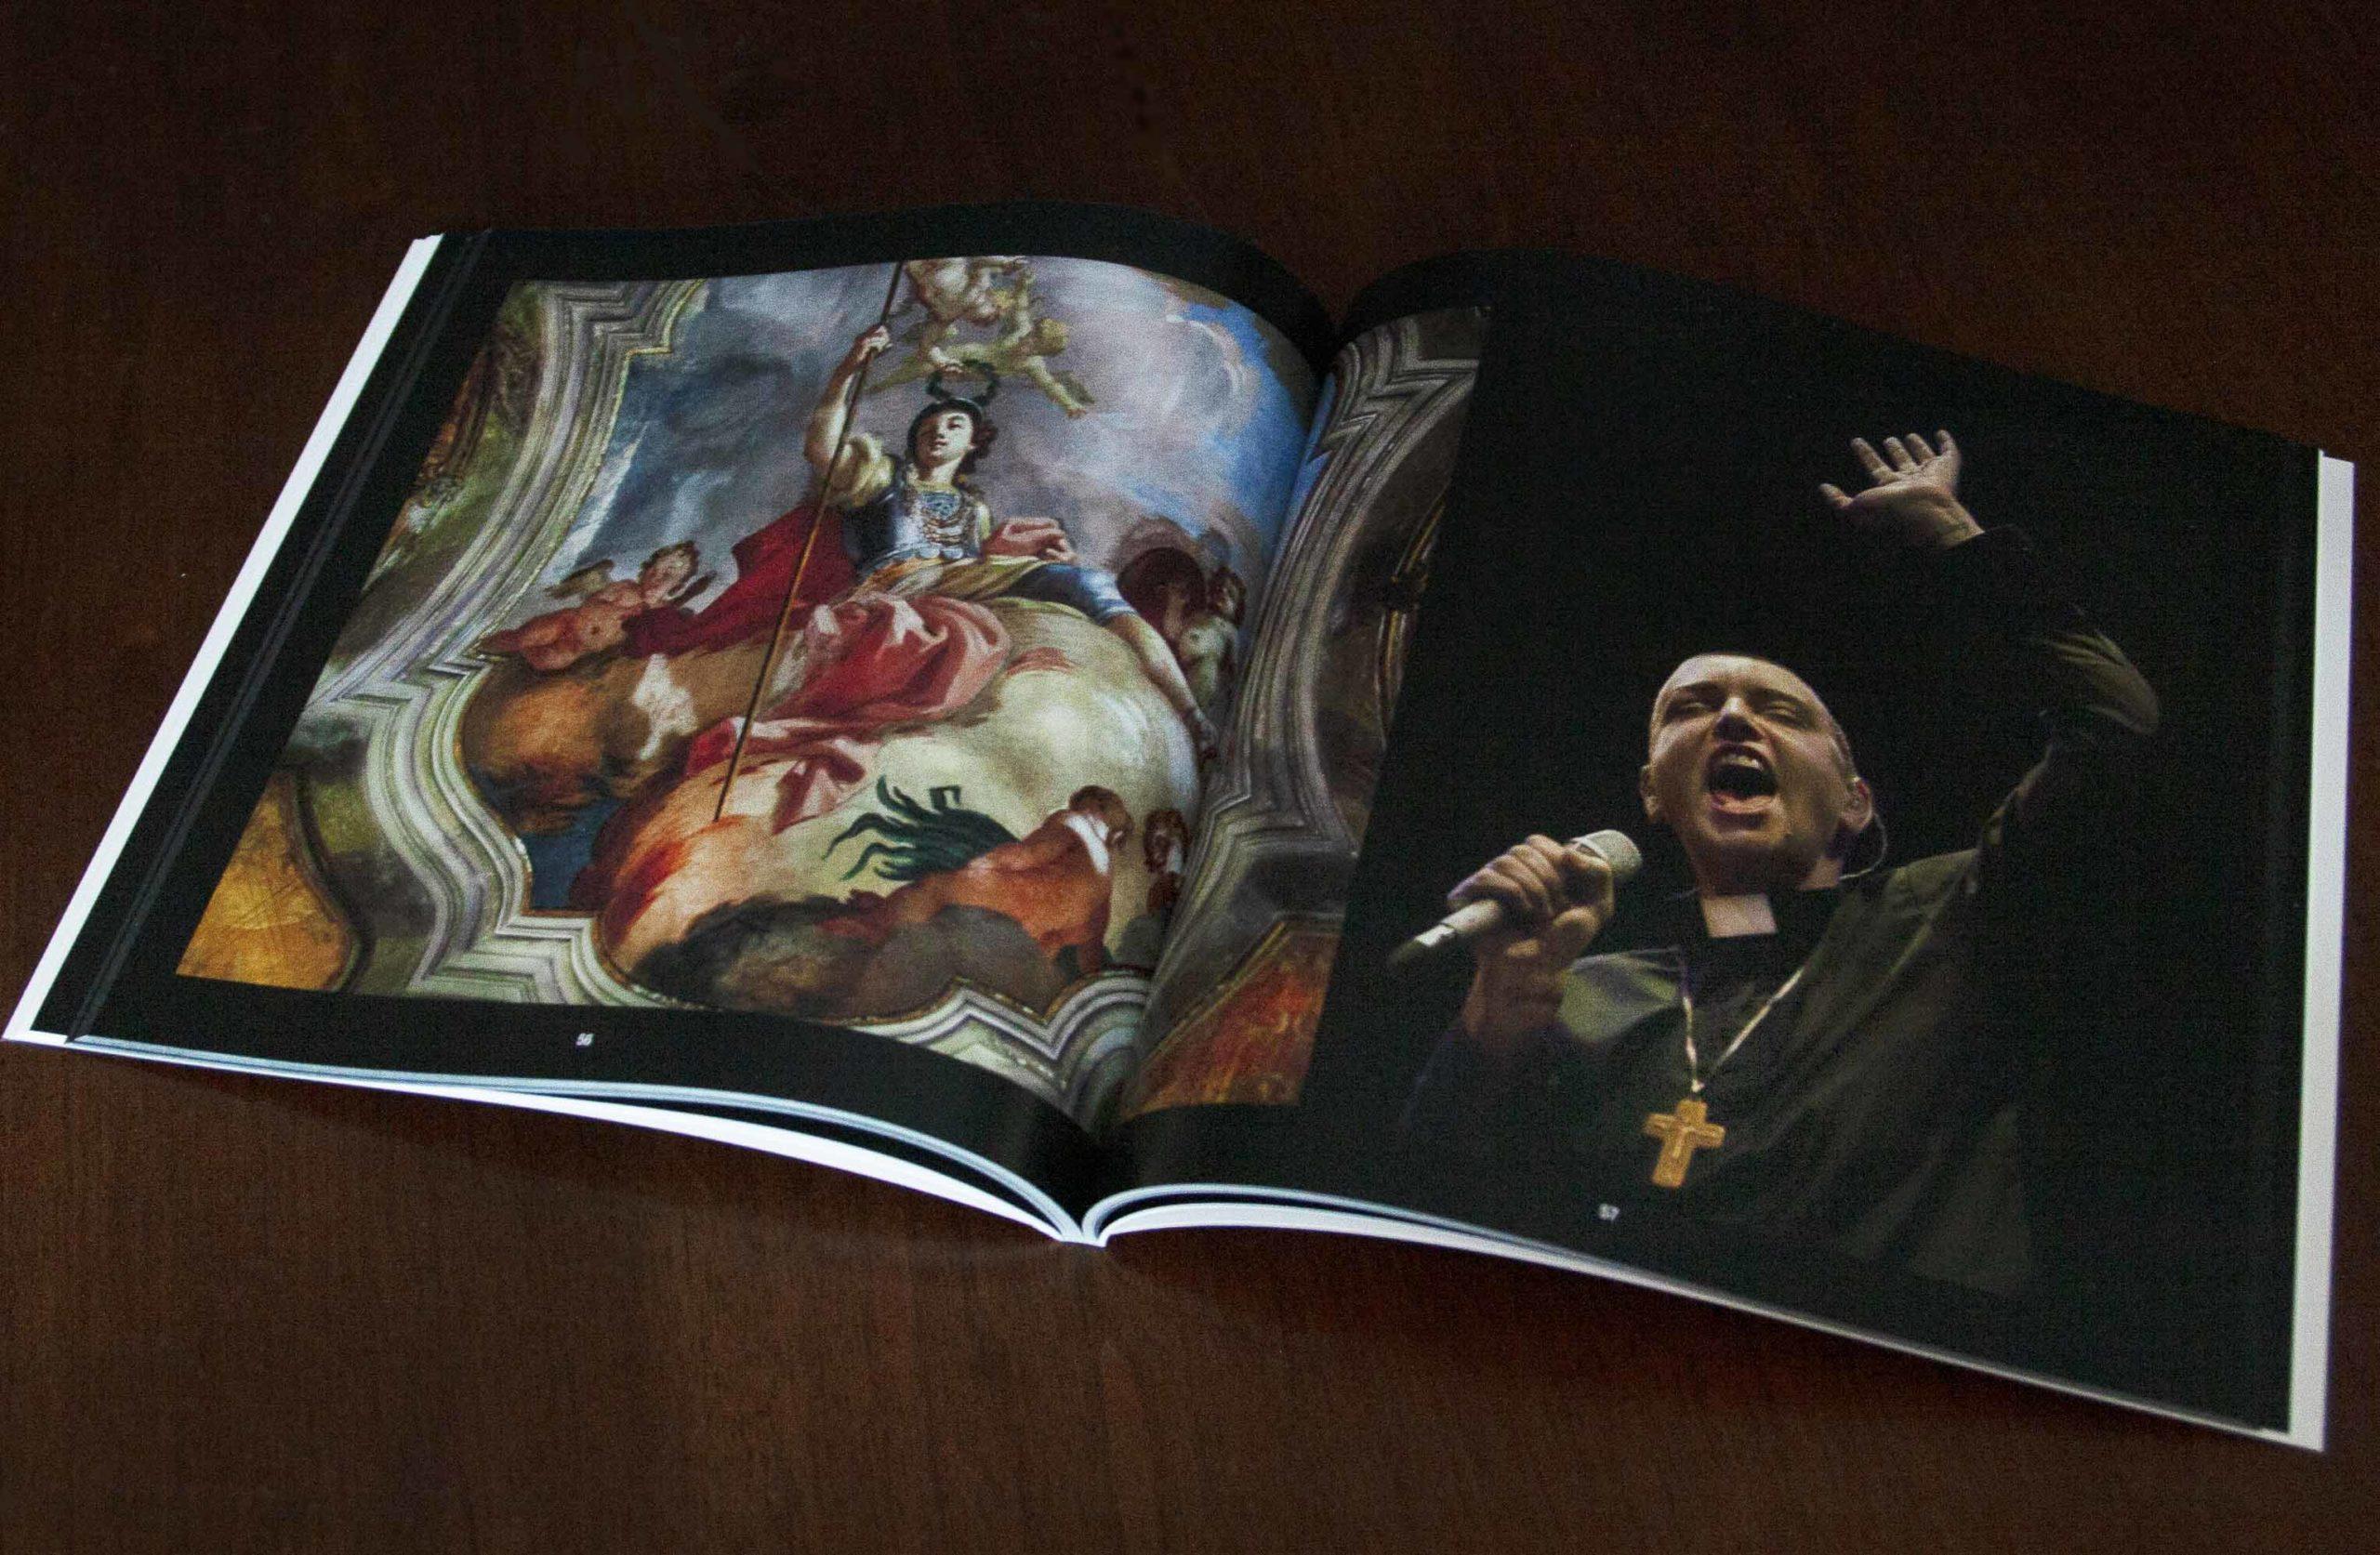 dialoghi-libro-angelo-redaelli-2